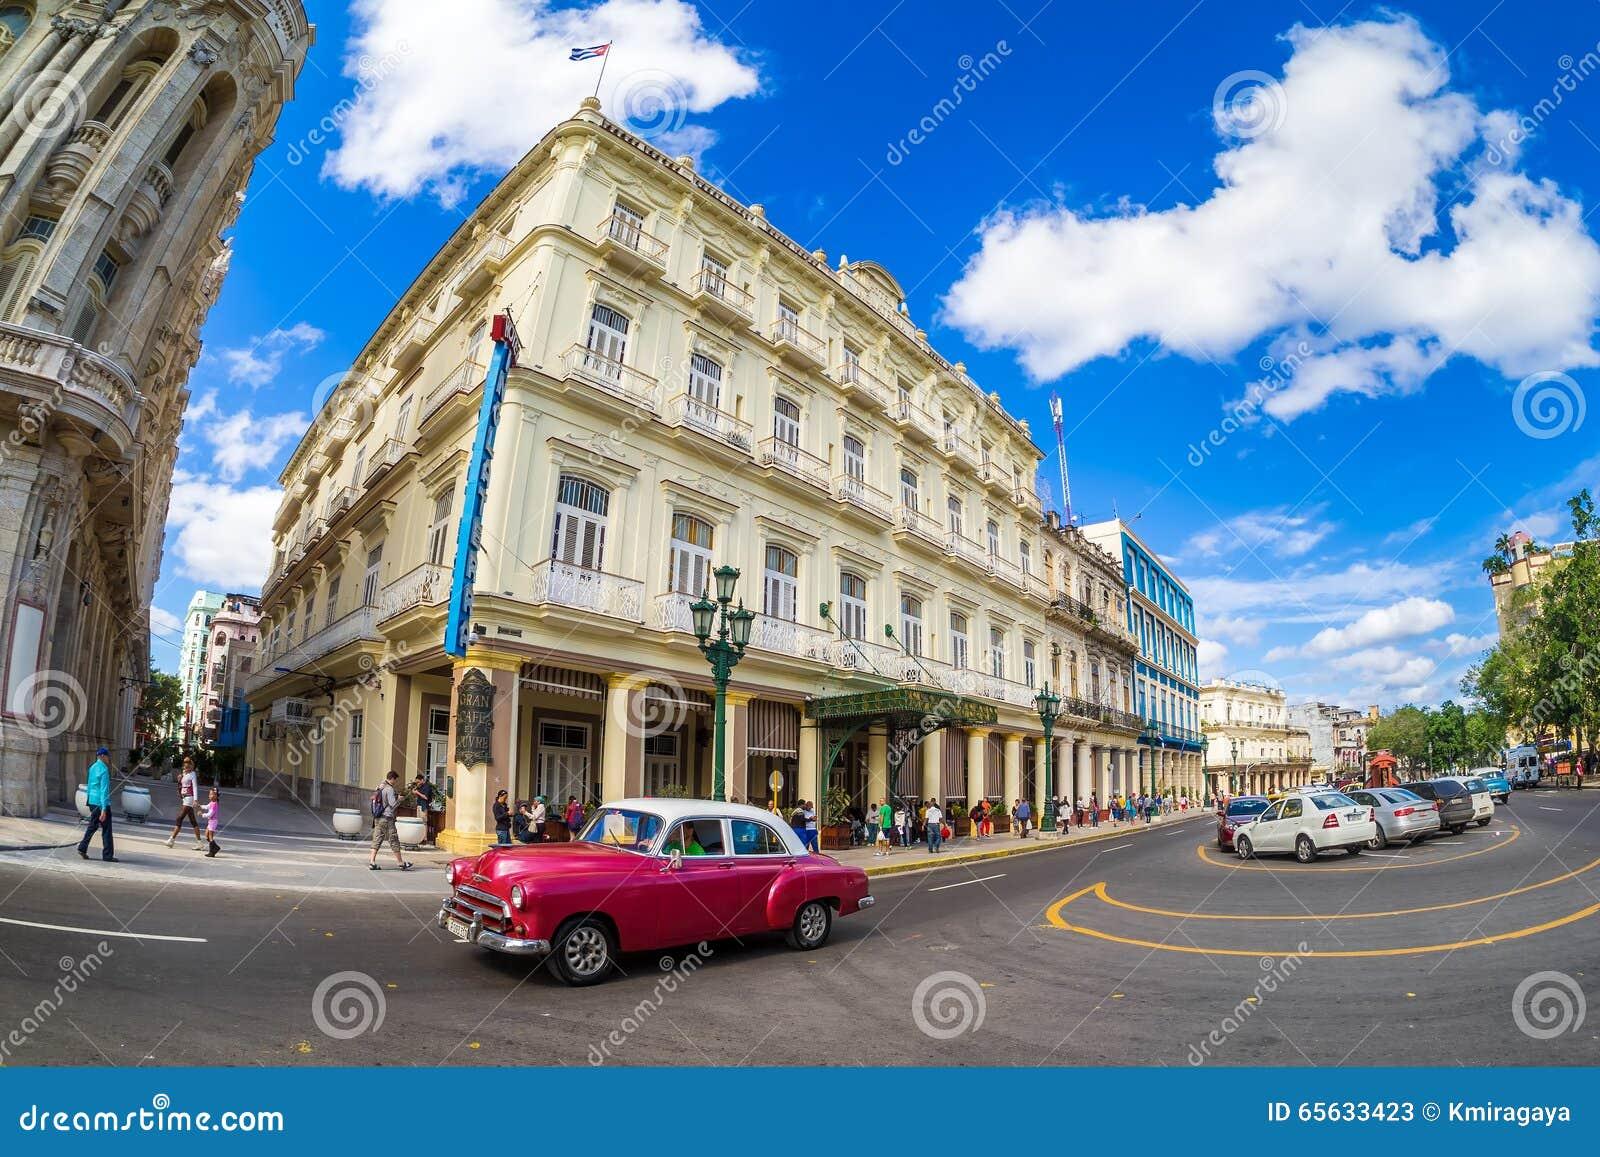 Voiture classique à côté d un hôtel célèbre à La Havane